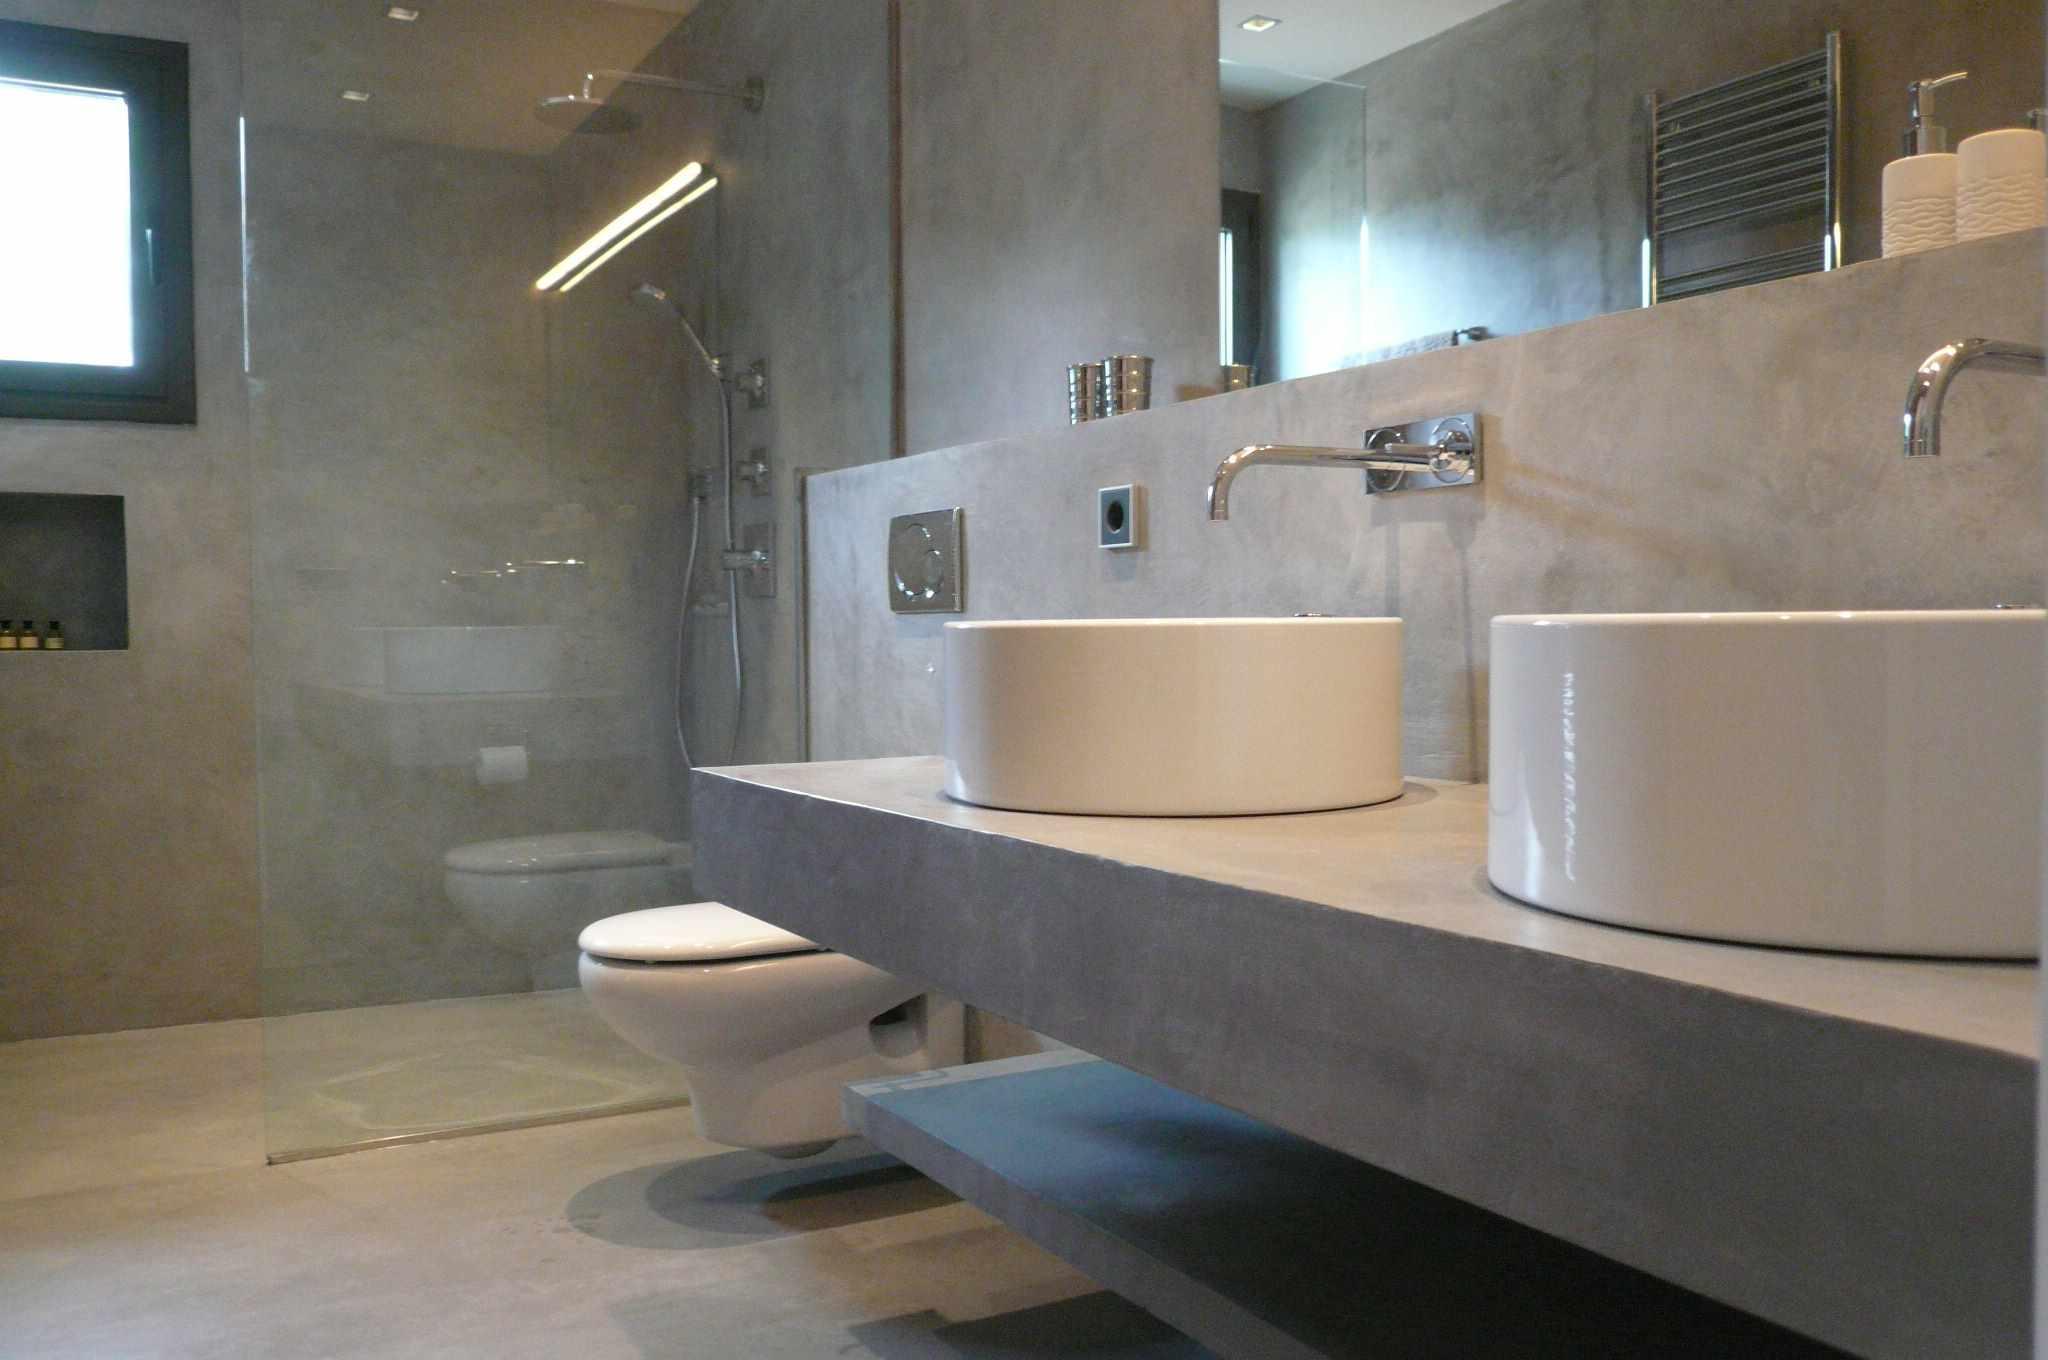 идея применения яркой декоративной штукатурки в интерьере ванной комнаты